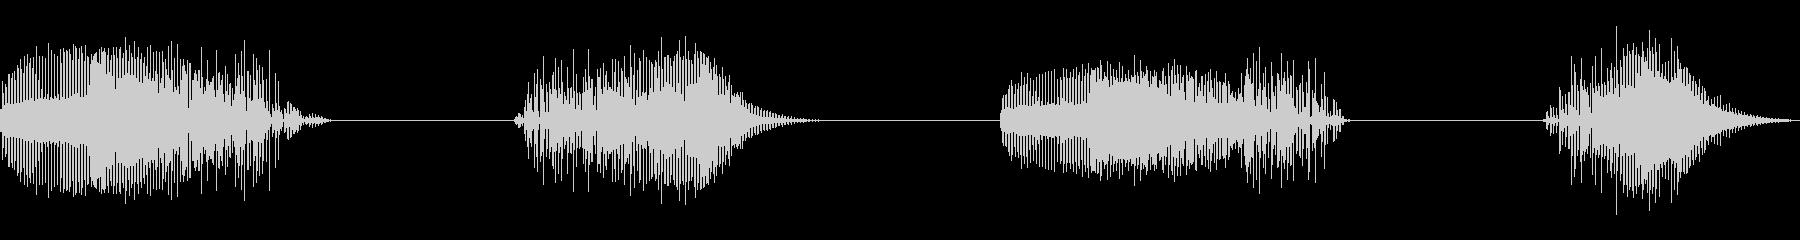 ノイズの多いレーザースイープ、4バ...の未再生の波形